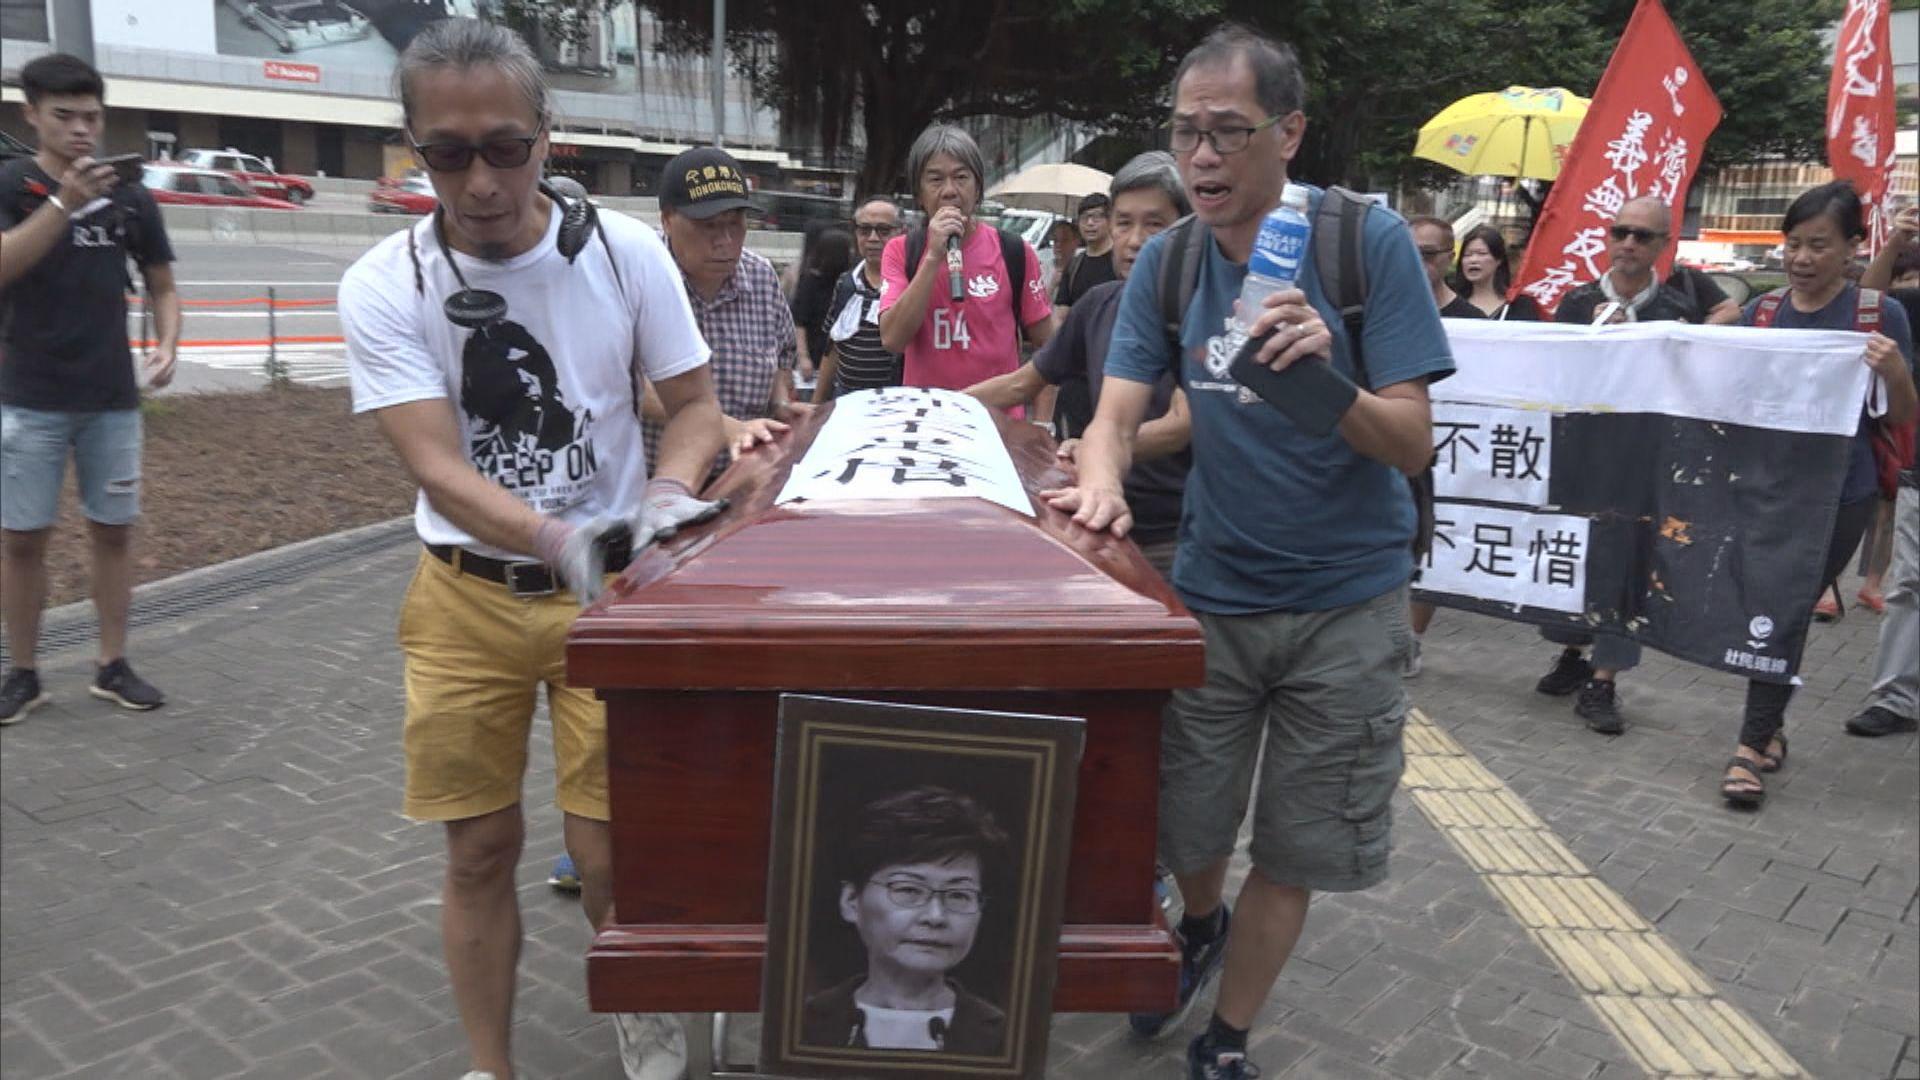 社民連發起遊行要求林鄭月娥下台